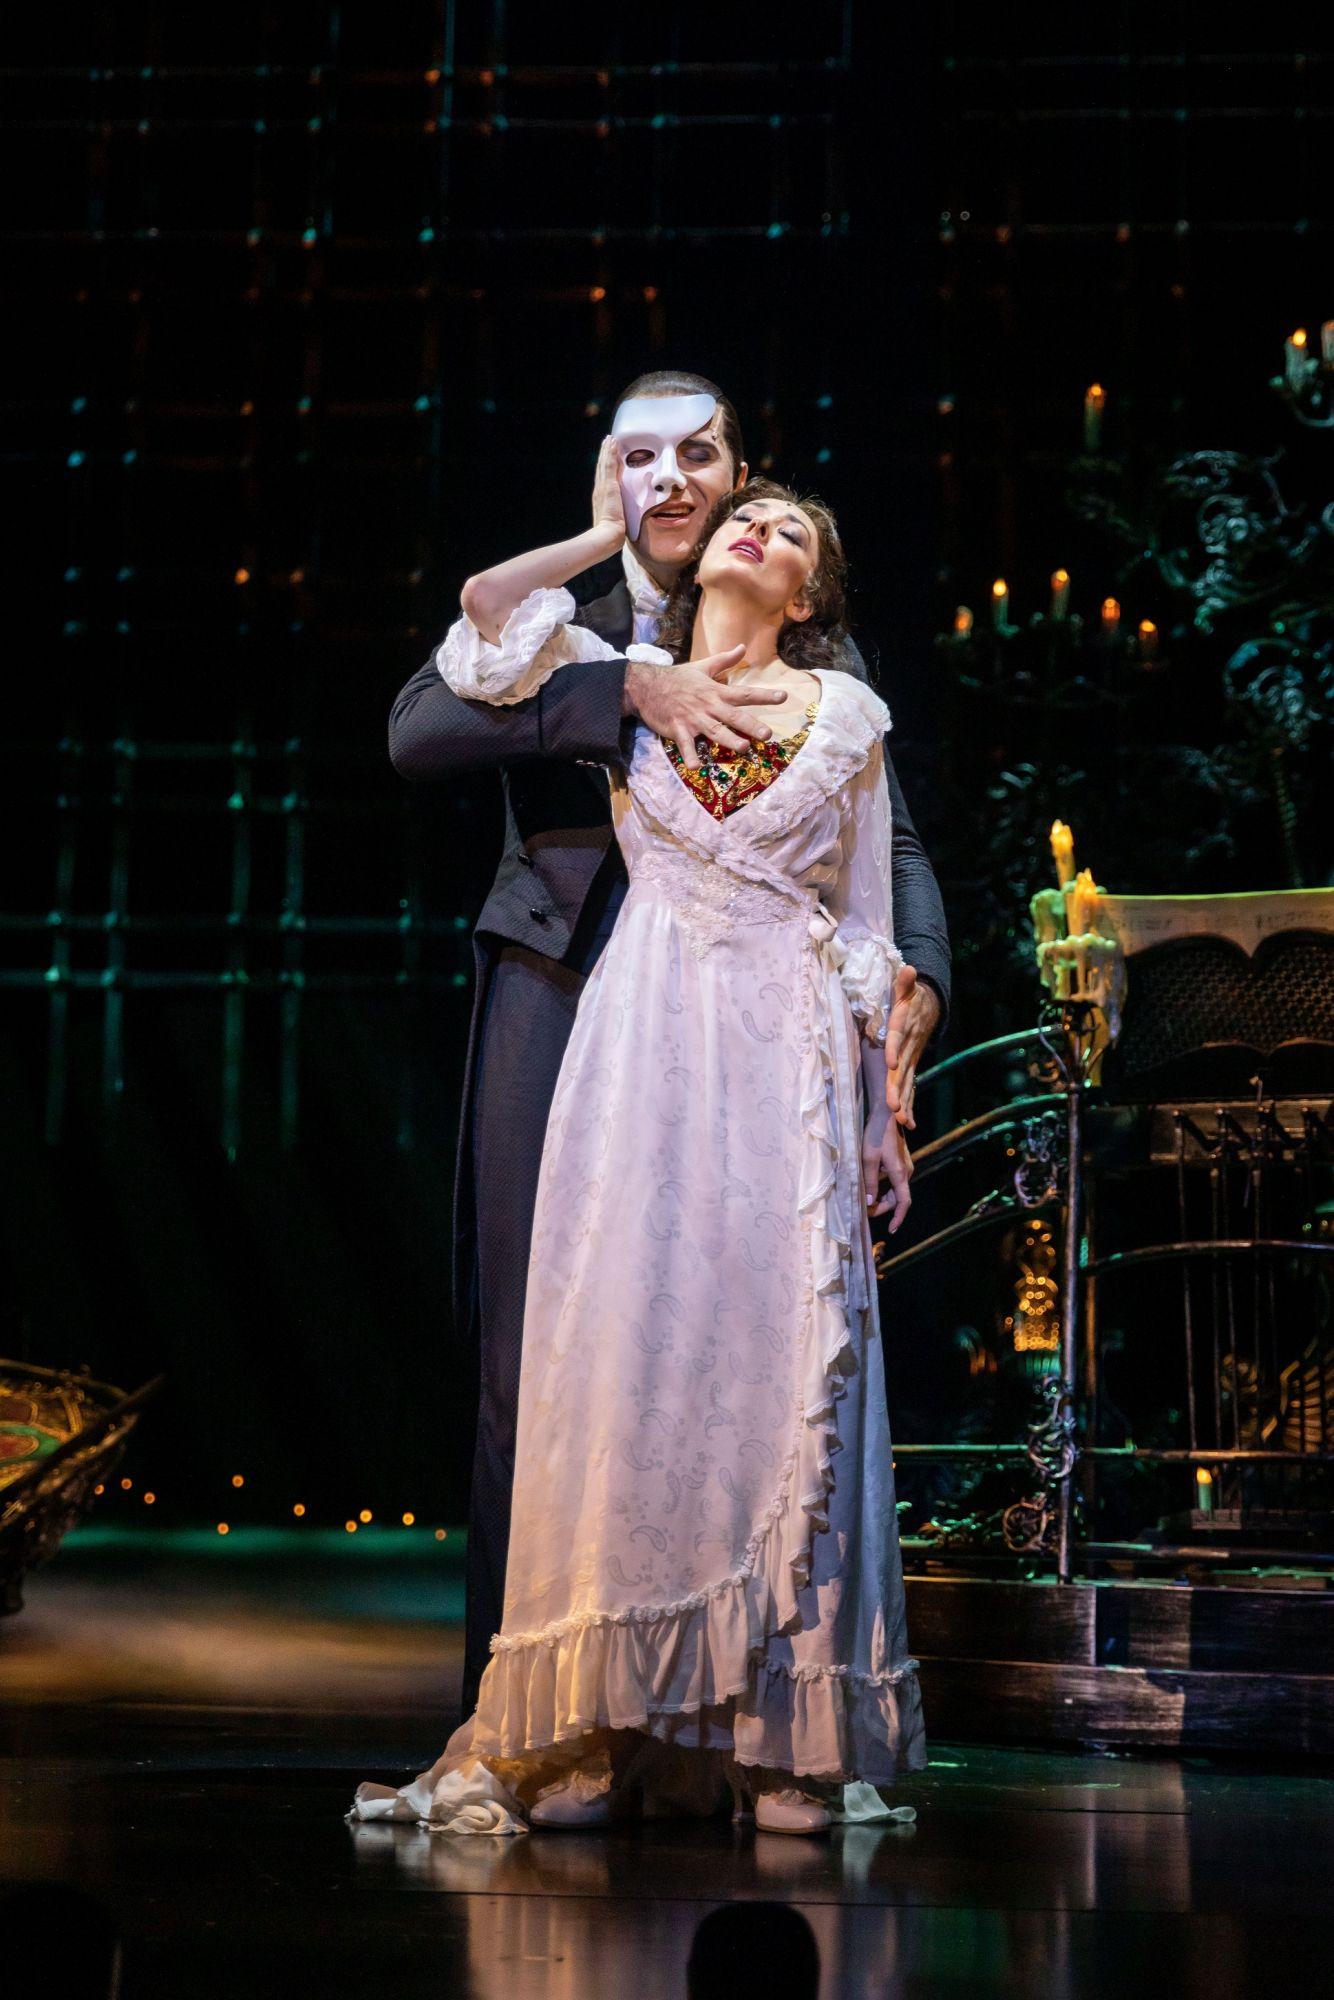 就用三倍券來看表演吧!百老匯最長壽音樂劇《歌劇魅影》四度來台,睽違六年魅影重回台北小巨蛋